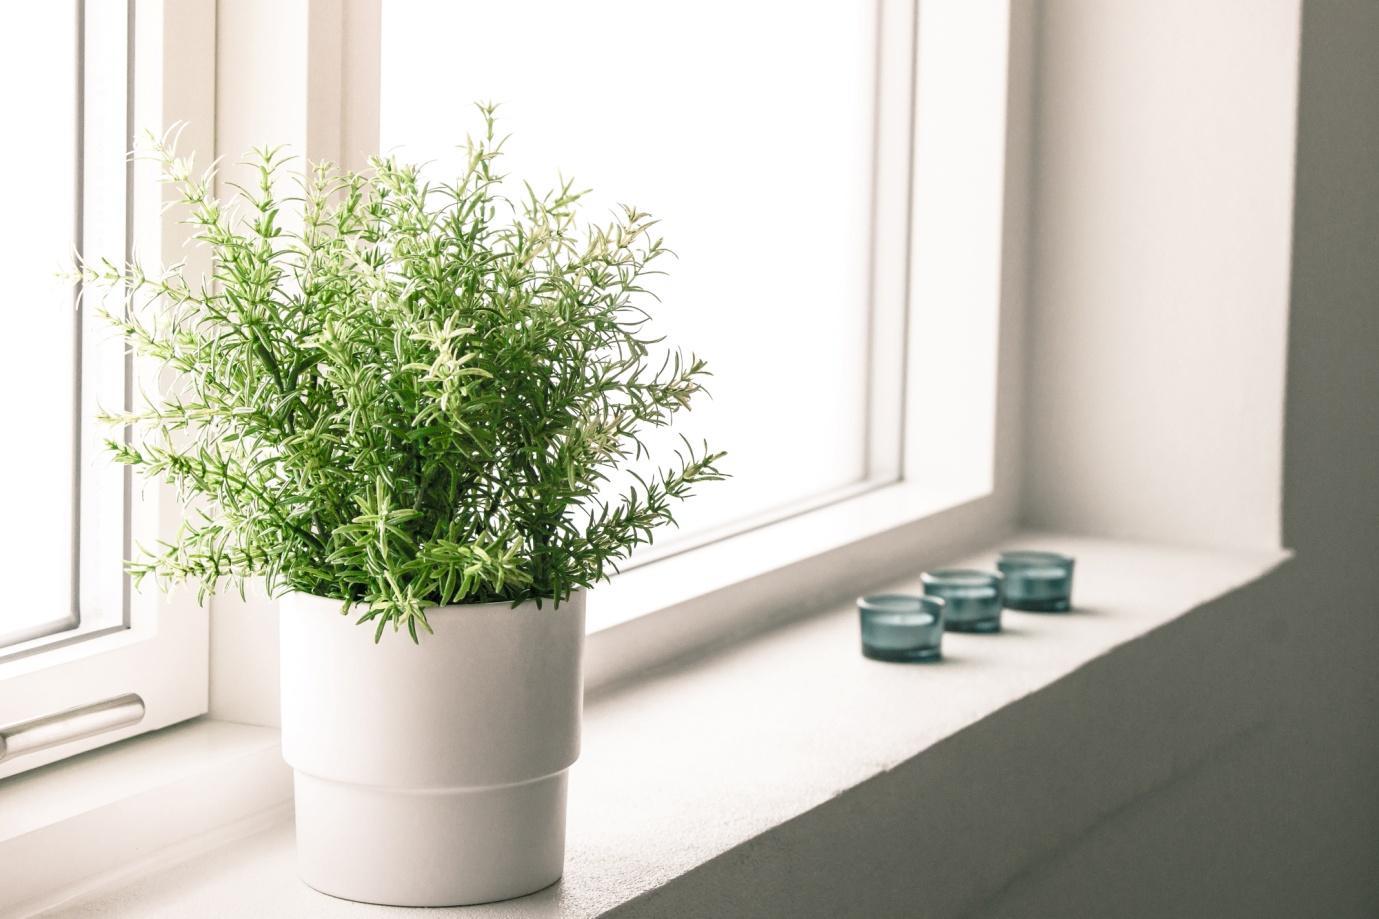 C:\Users\bilal\Downloads\13888610_indoor-plant-in-a-bathroom-window.jpg